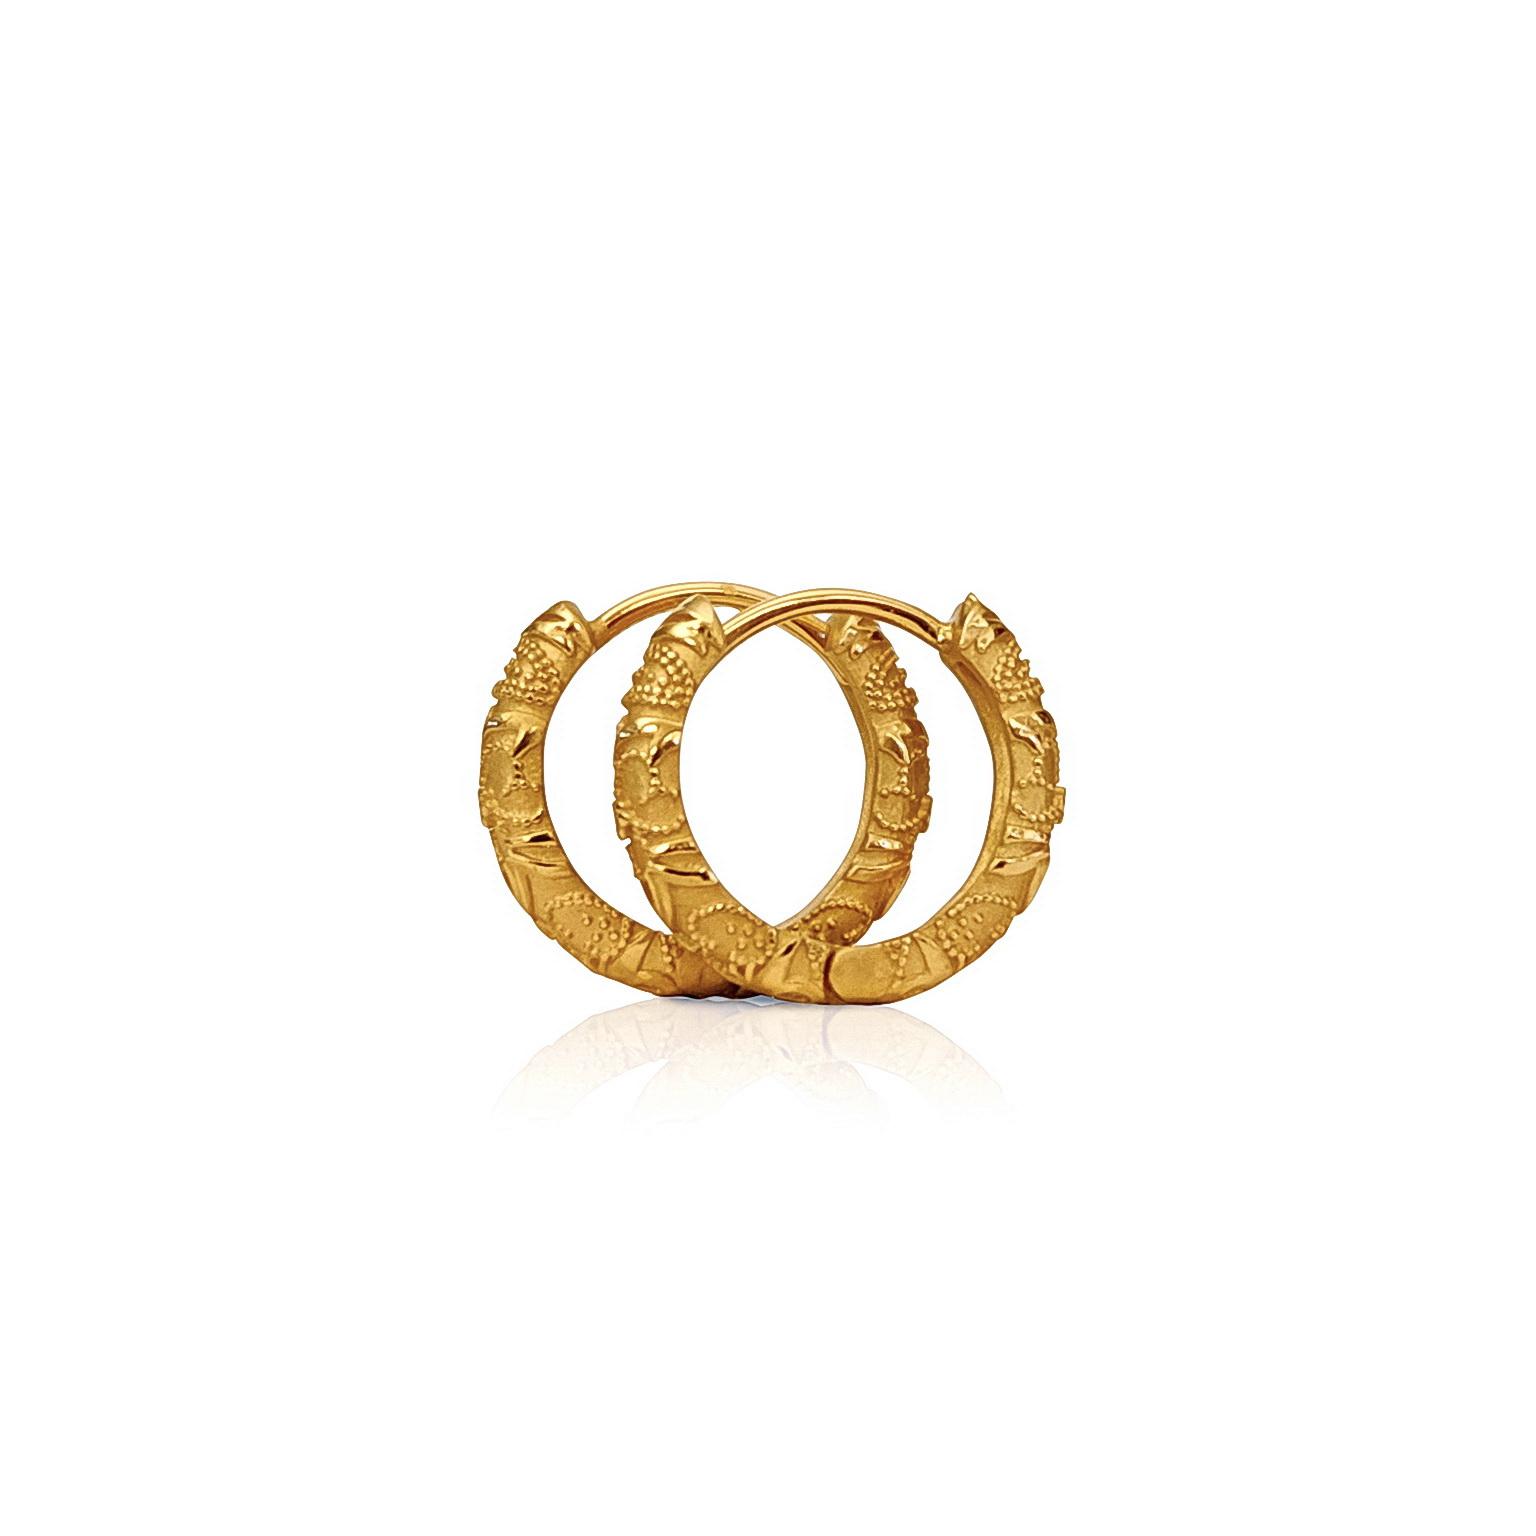 'Little Luca' 18 Carat Yellow Gold Earrings